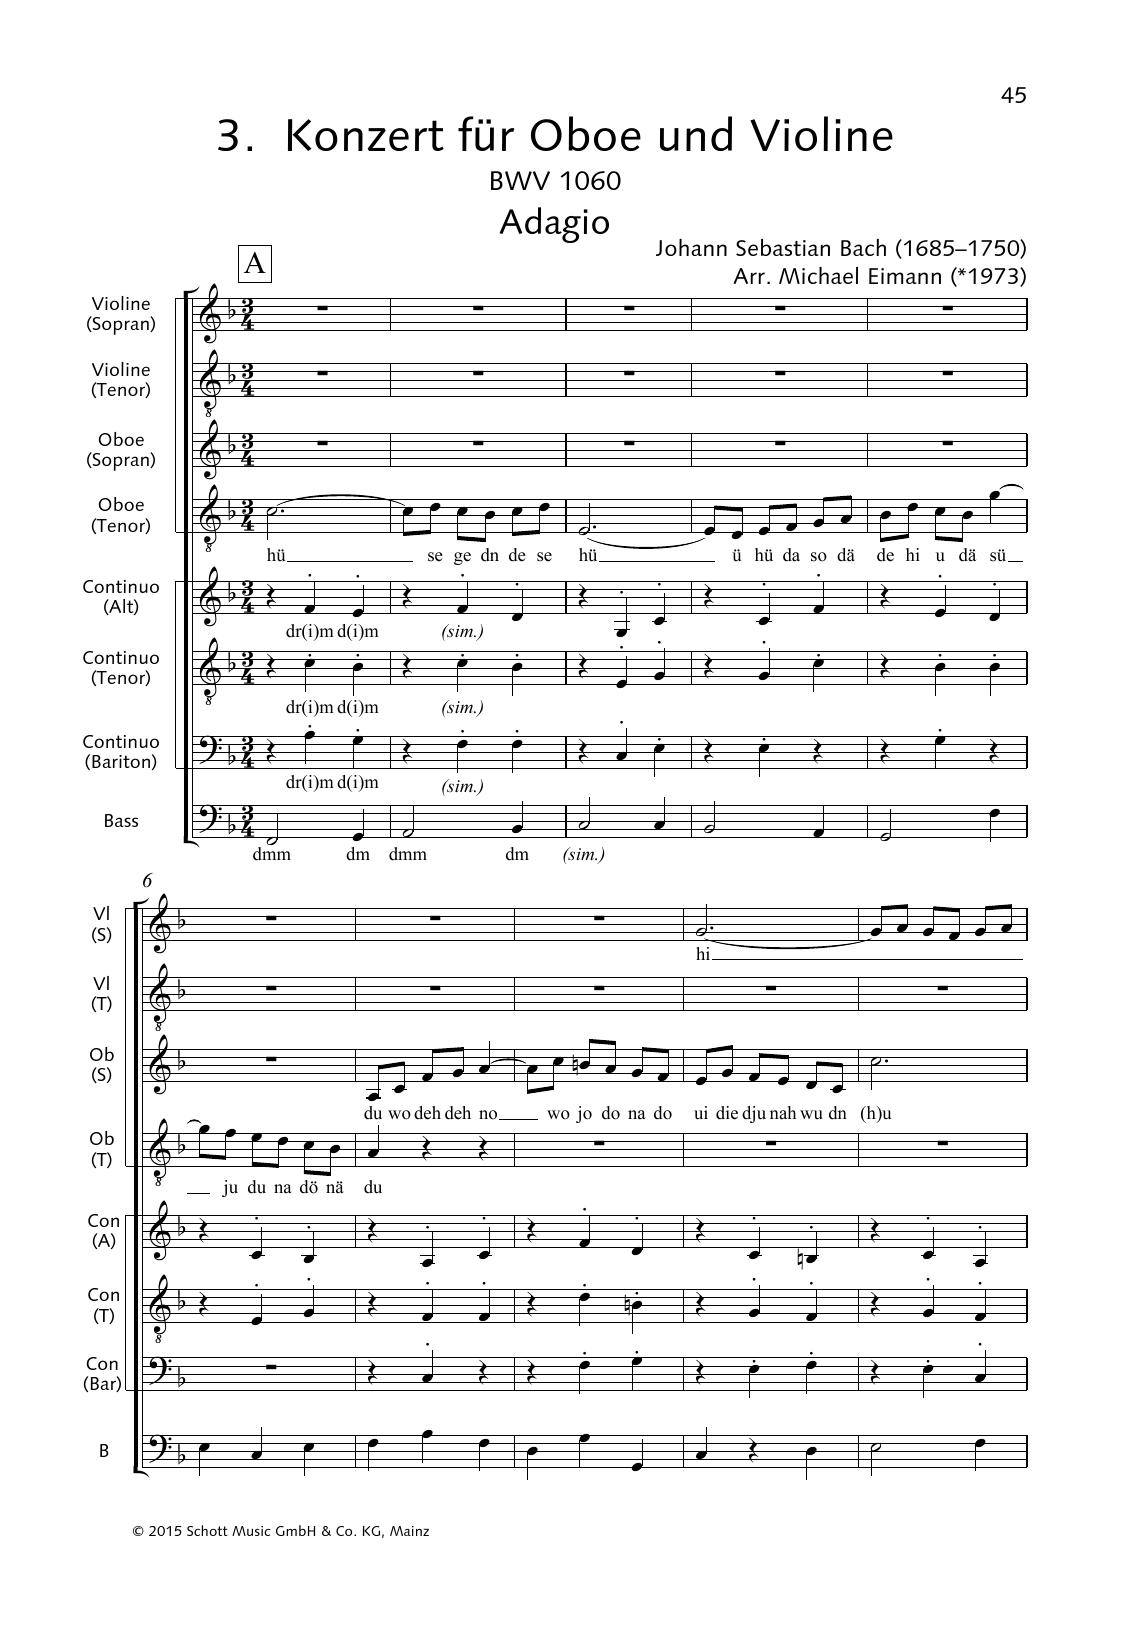 Concerto for Oboe and Violin (Adagio)